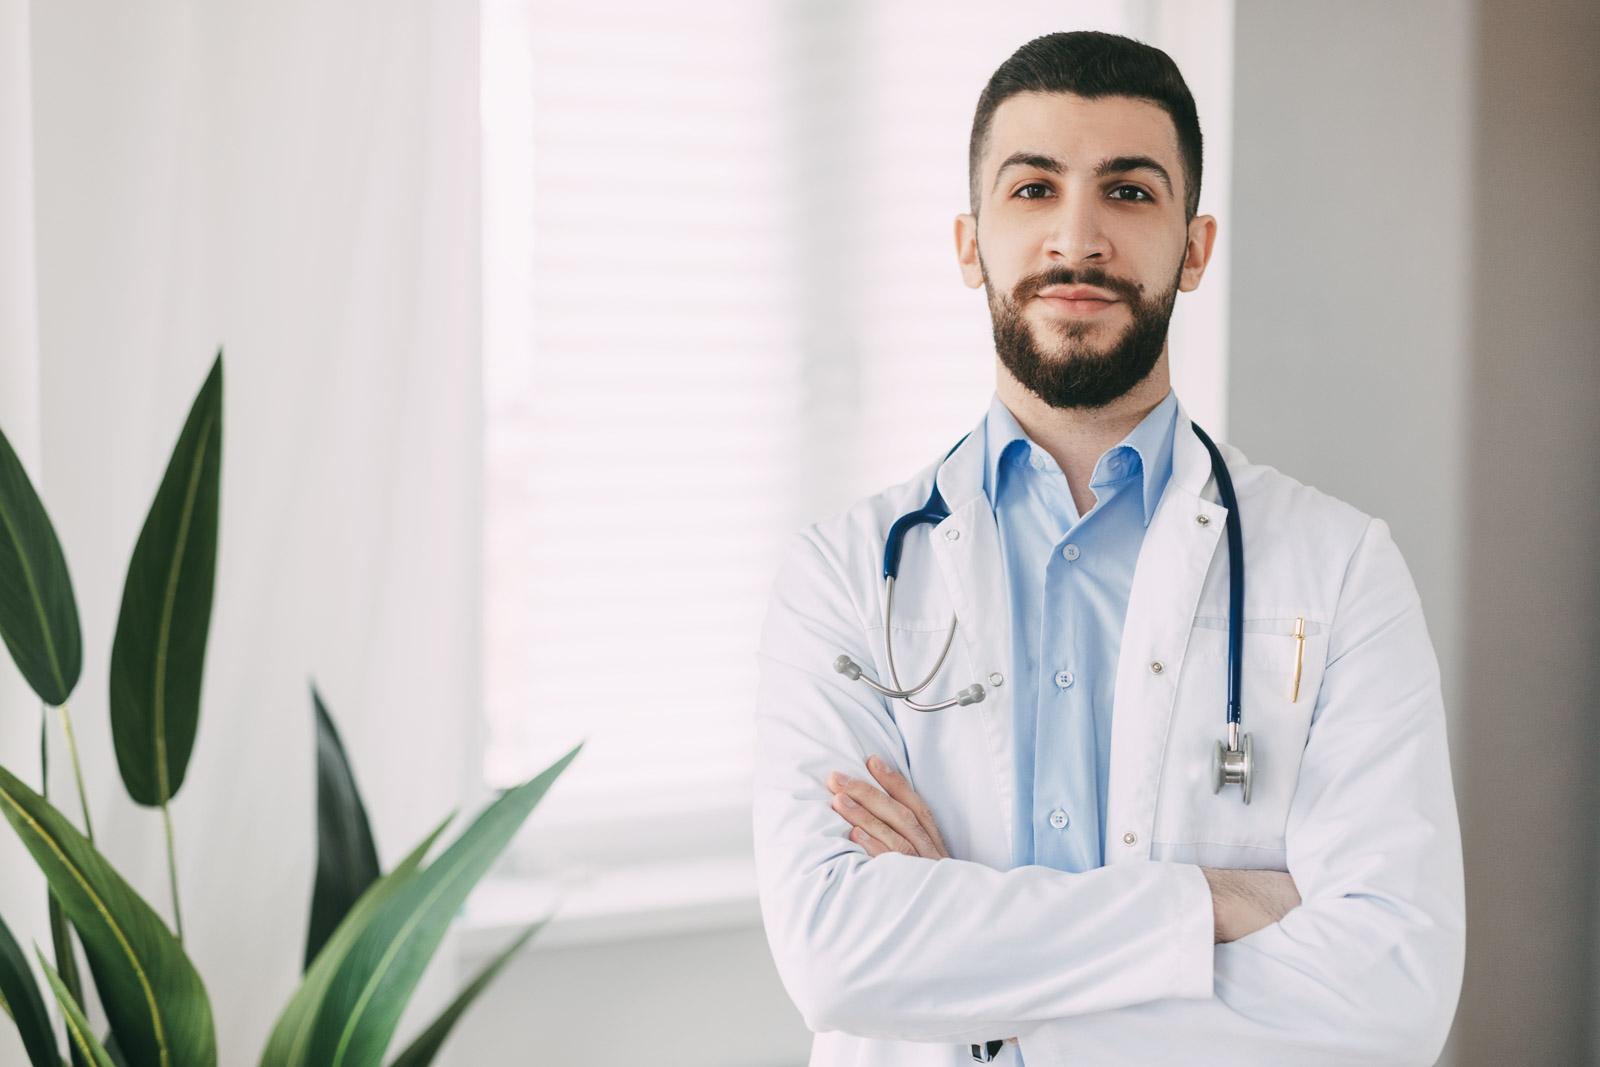 الطب البشري والمجالات الطبية والصحية الأخرى من المجالات النبيلة التي تسعى بشكل عام لمساعدة الانسان ودراسة الطب البشري والمجالات الطبية في الجامعات التركية الخاصة مطلوب من قبل العديد من الطلاب الأجانب، فتعرَّف مع مجموعة معرفة على أهم المهن الطبية في تركيا.